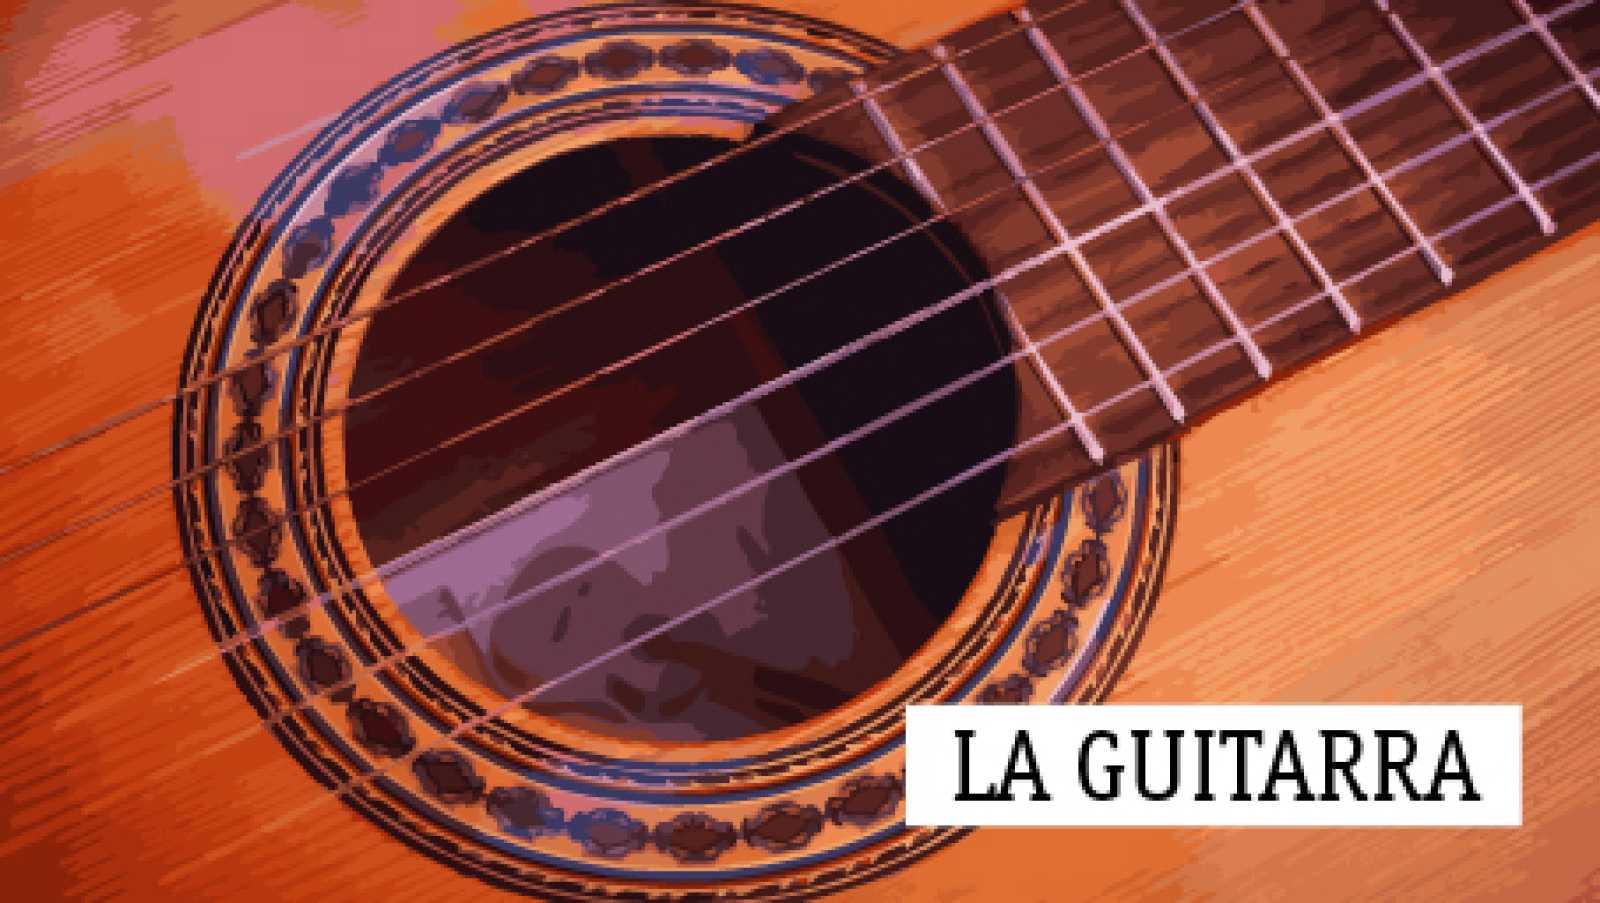 La guitarra - Miguel Llobet, en el 140 aniversario de su nacimiento (y IV) - 20/01/19 - escuchar ahora